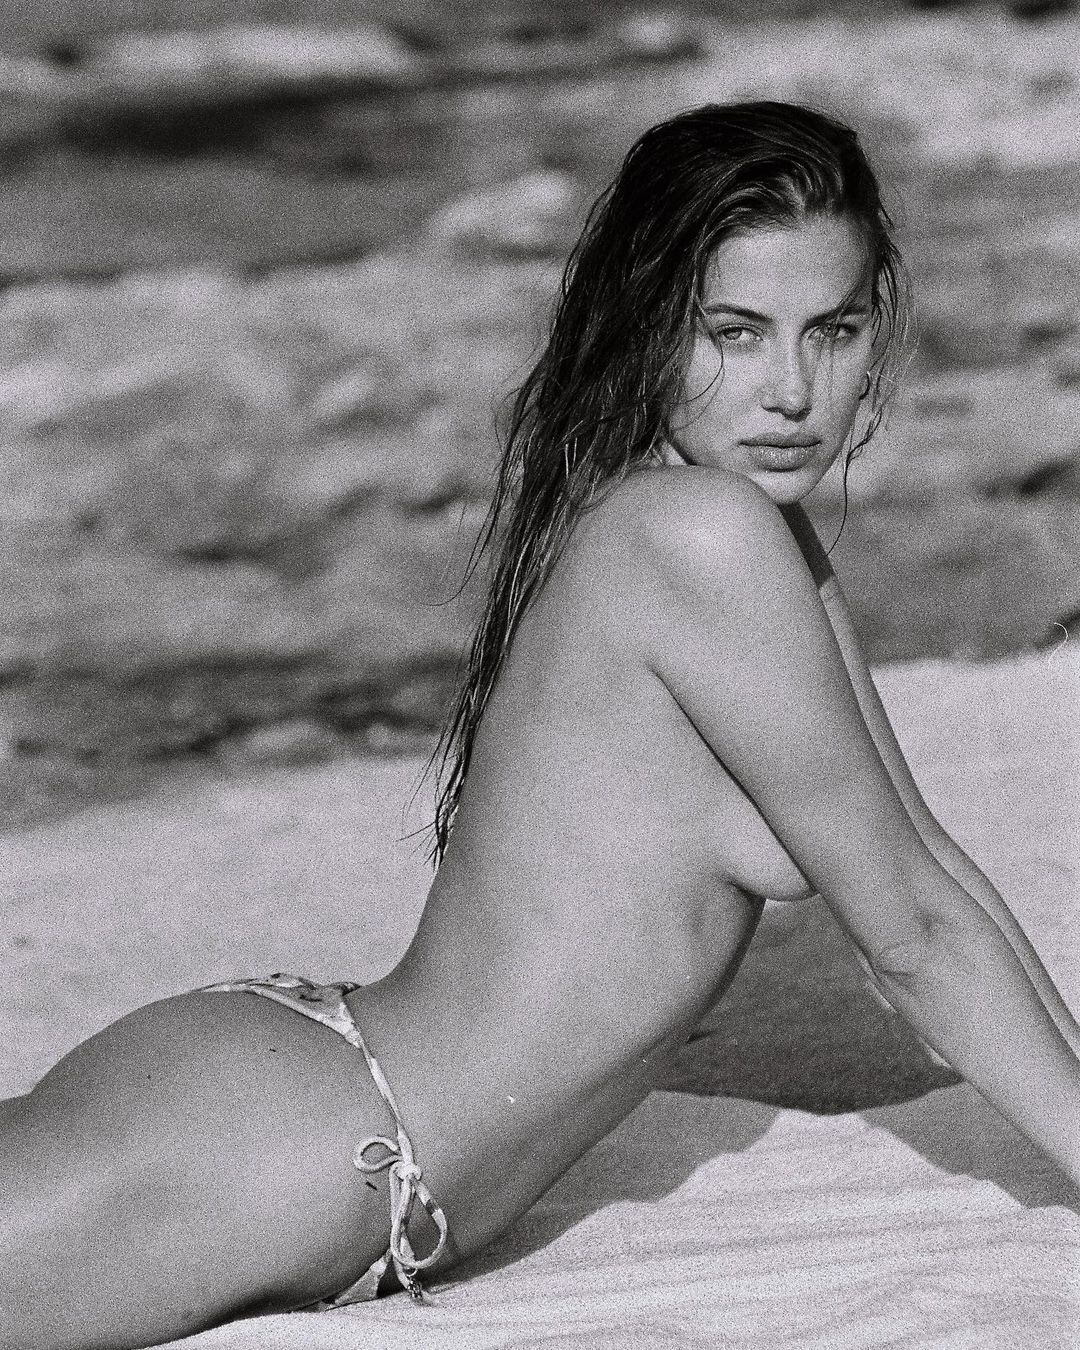 Чорно-білі кадри з'явилися на її особистій сторінці в соцмережі.